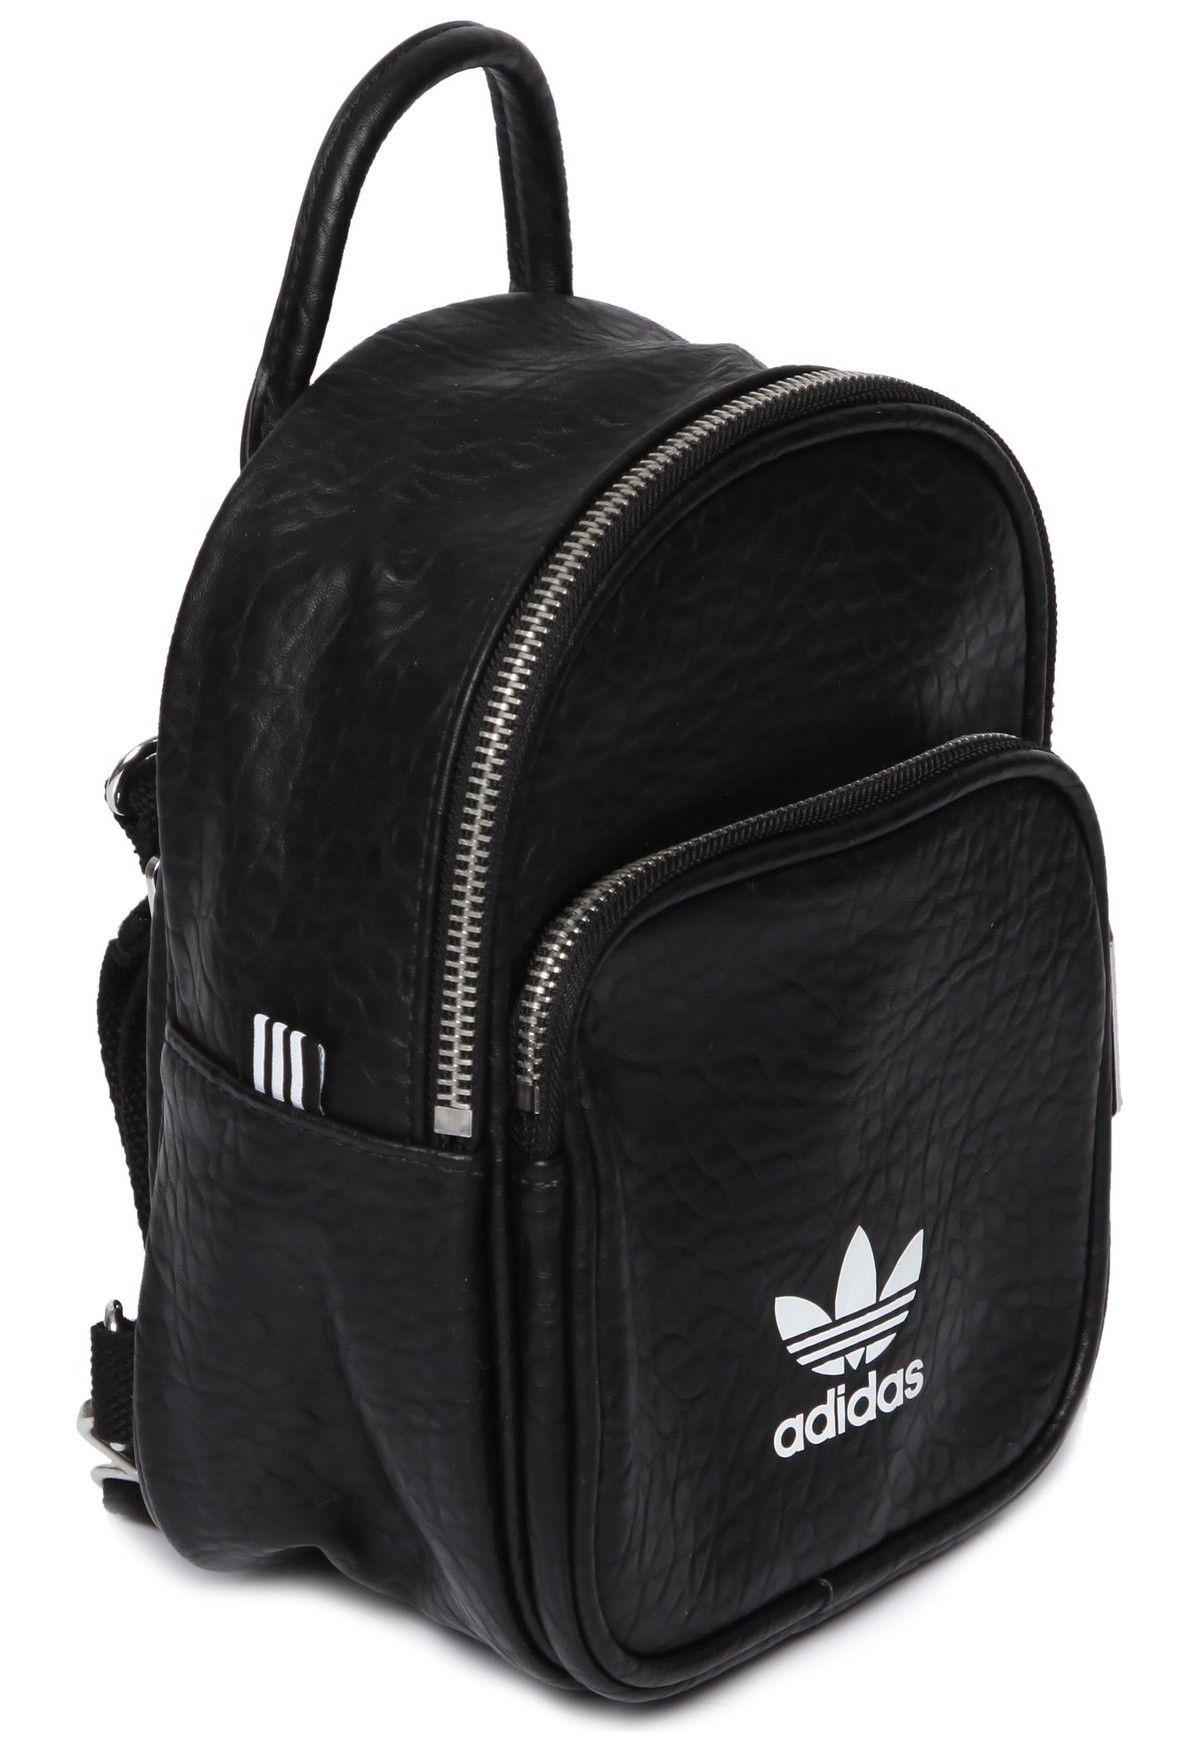 7d657e18b Adidas Originals - MOCHILA MINI CLASSIC - PRETO - OQVestir | Genți ...